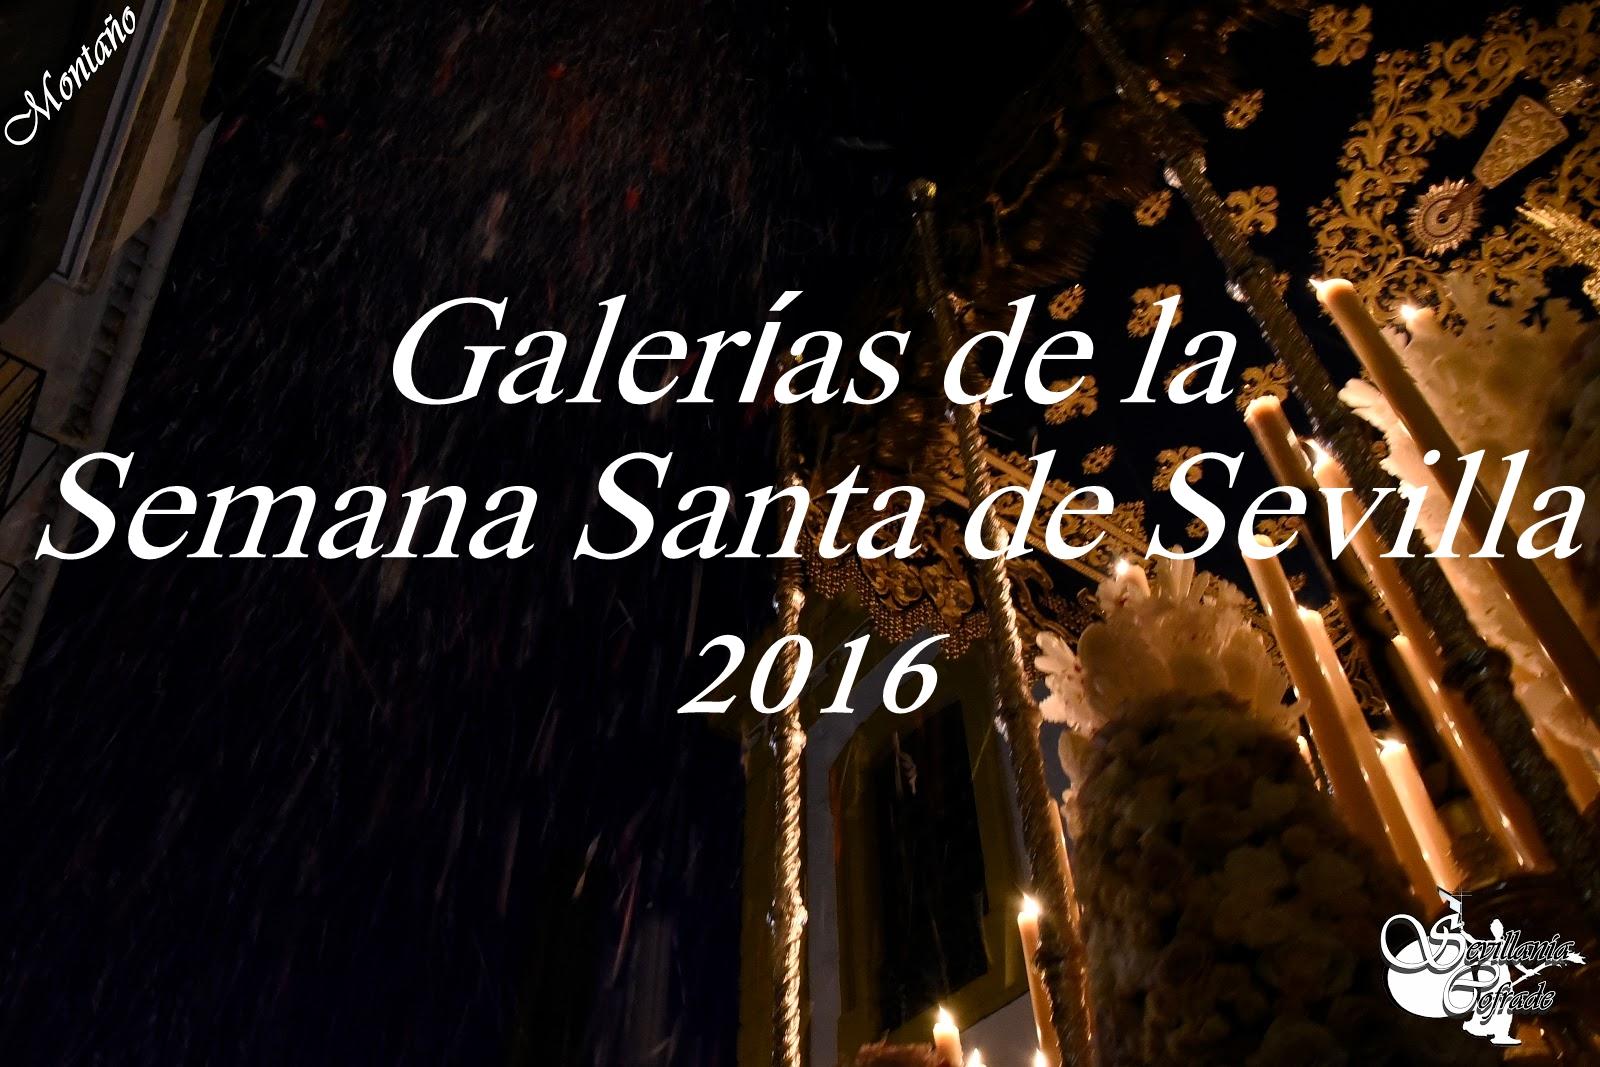 Galería de la Semana Santa de Sevilla 2016